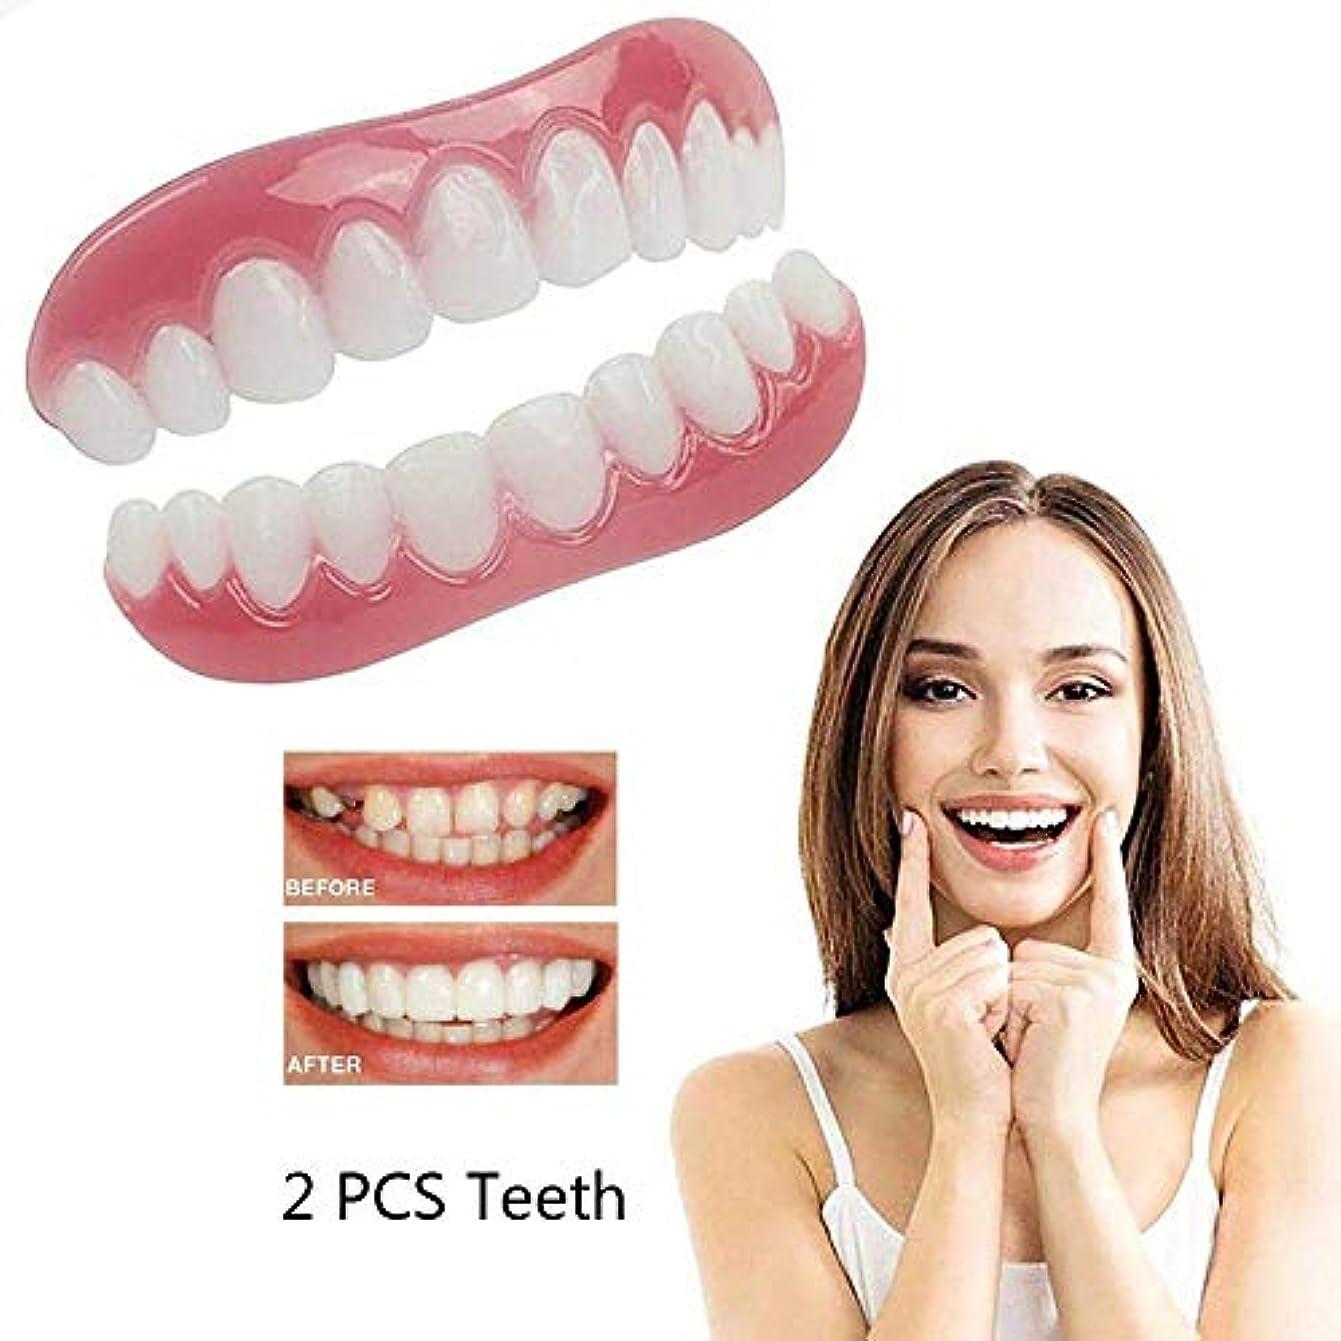 コーラススケート空虚化粧品の歯のホワイトニングパーフェクトフィットスナップオンスマイルトップとボトムの偽歯インスタントプロテーゼスマイルコンフォートフィットフレックスオーラルケア